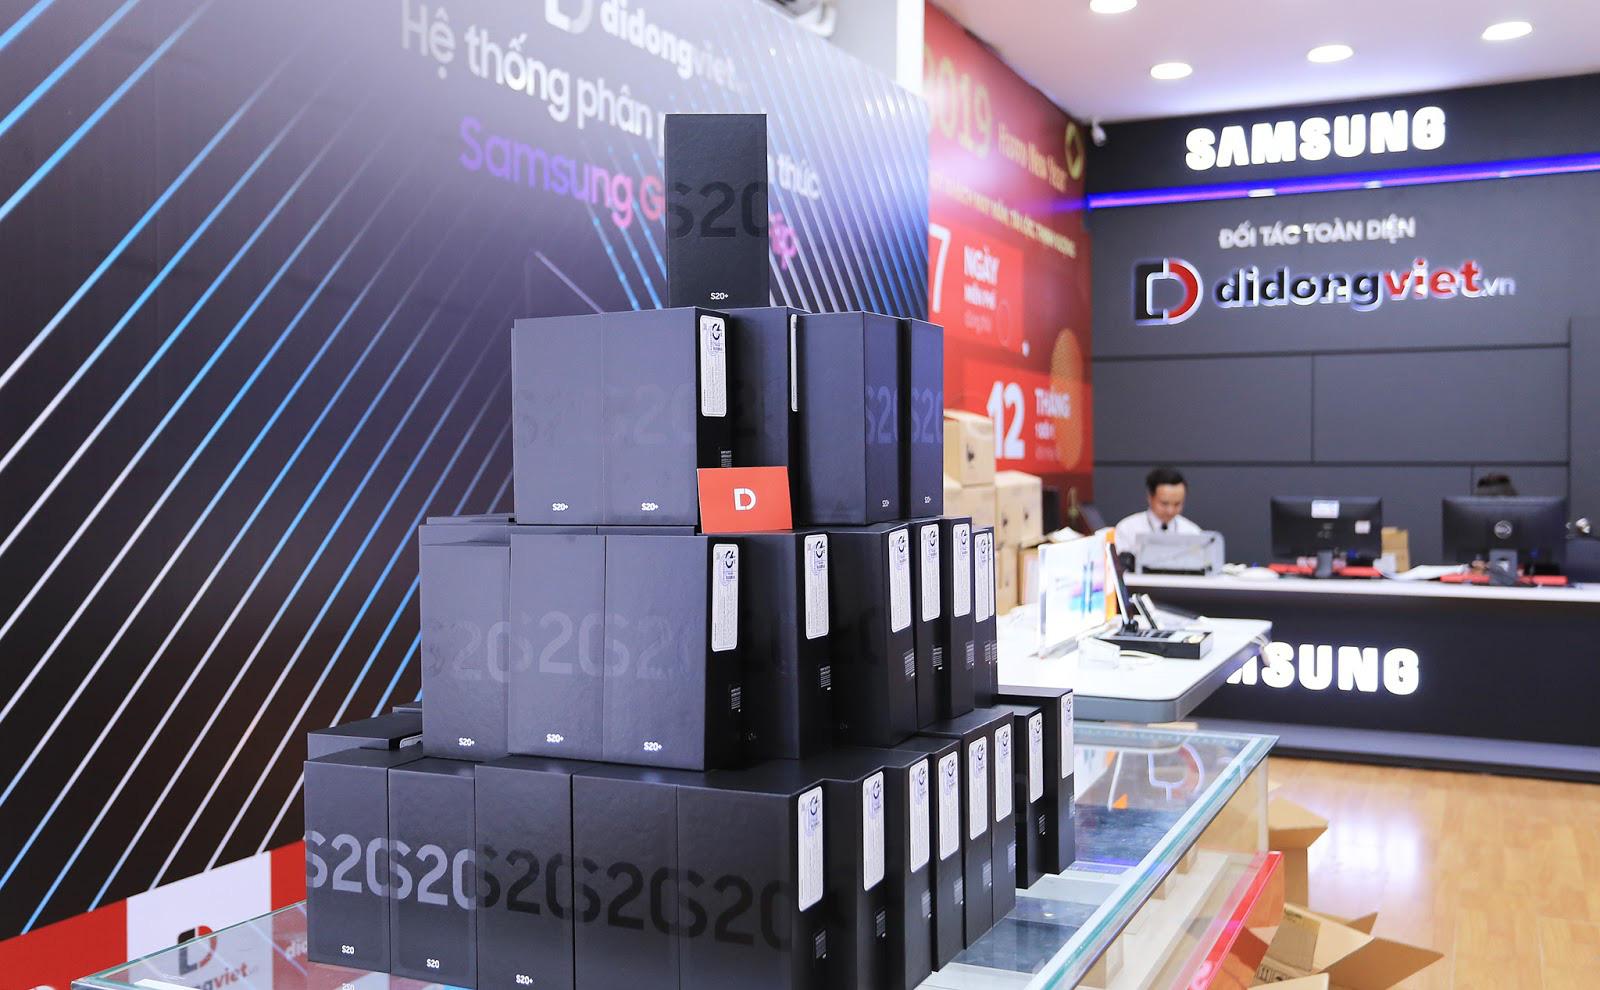 Galaxy S20, S20 Plus, S20 Ultra giá từ 16,9 triệu đồng; Di Động Việt giao hơn 300 máy cho khách trong ngày mở bán - Ảnh 3.